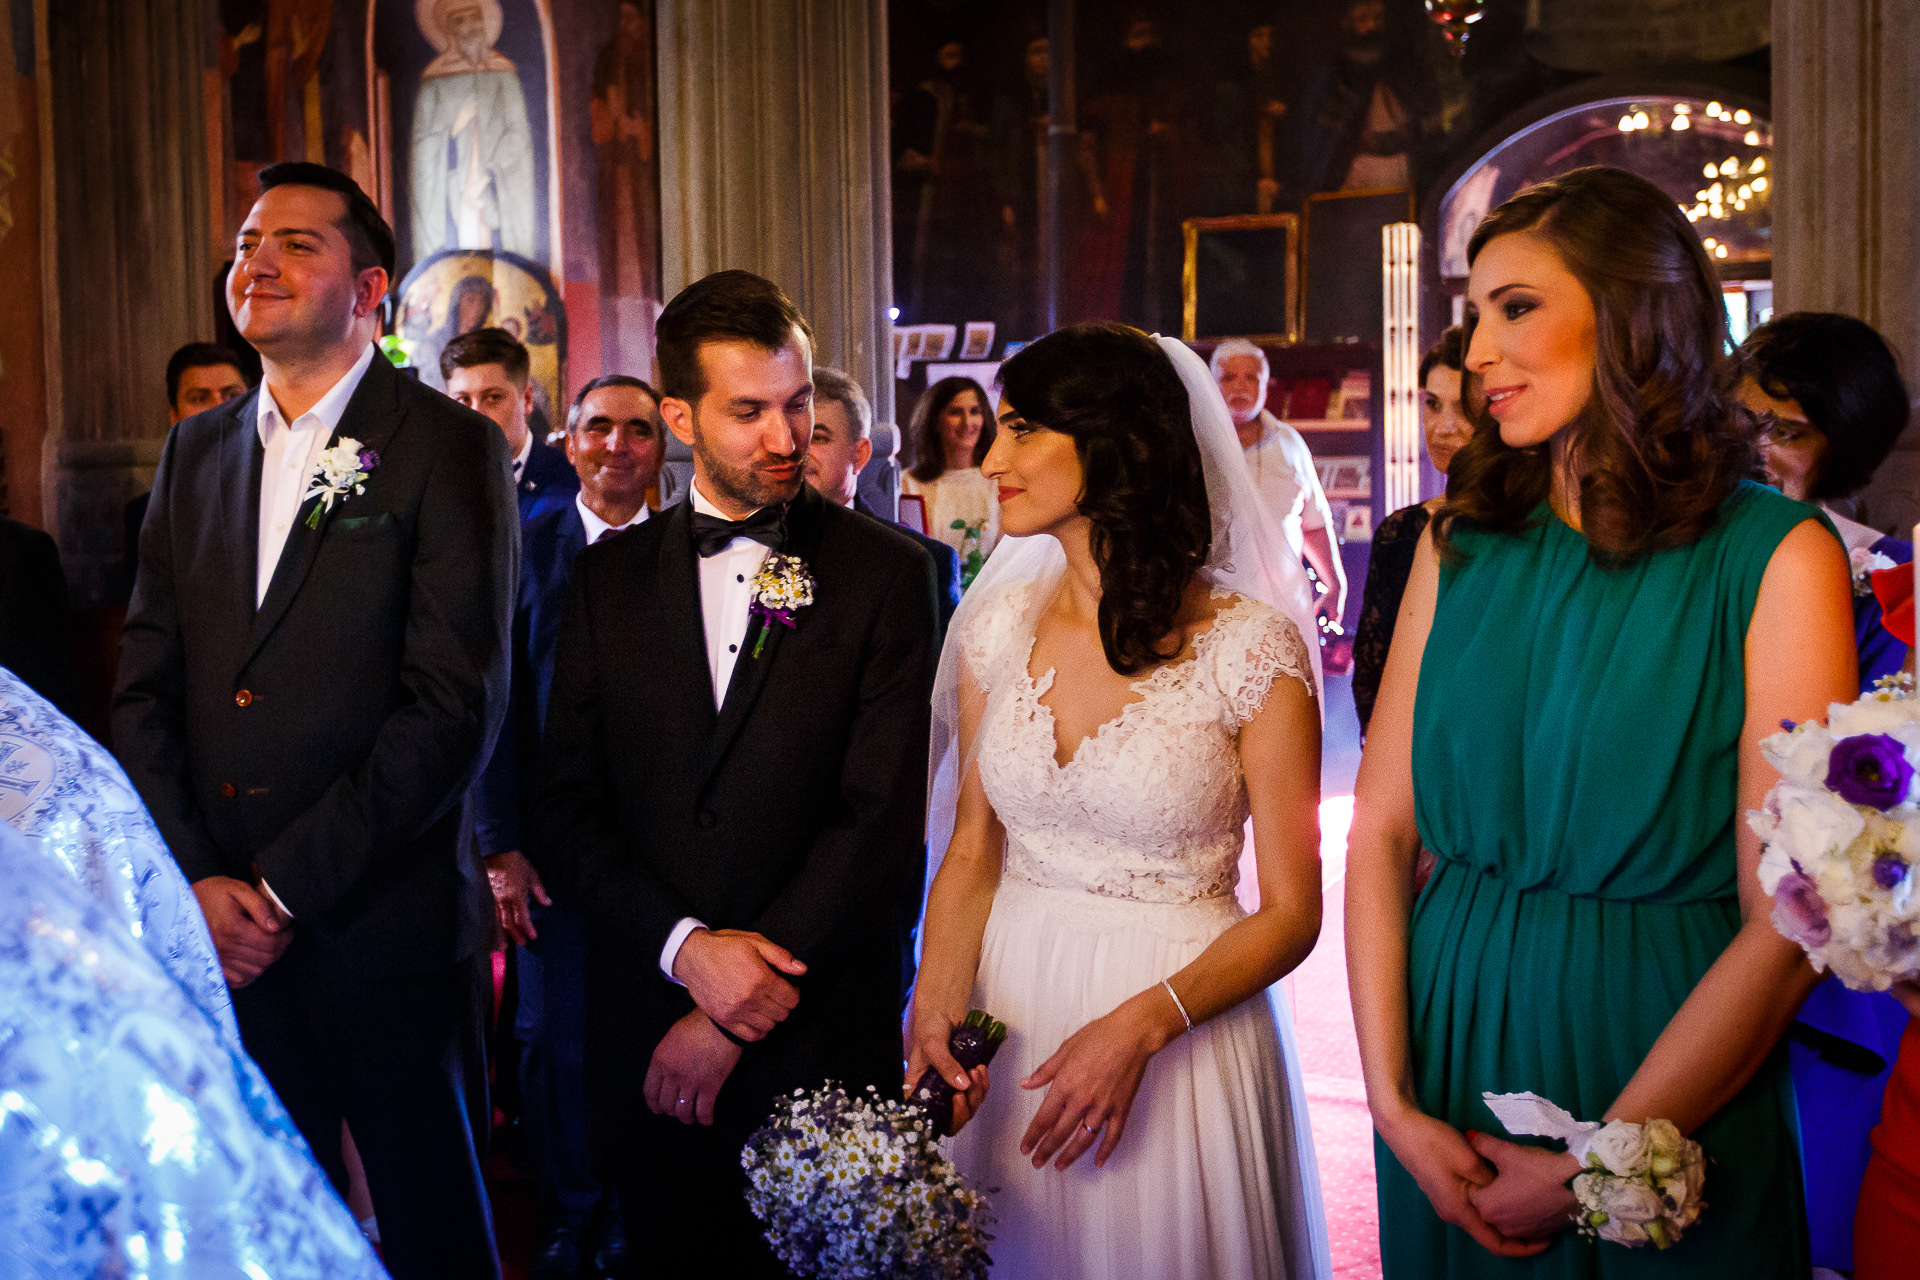 nuntă Salon Elisabeta - Elena şi Costin - Mihai Zaharia Photography - 038